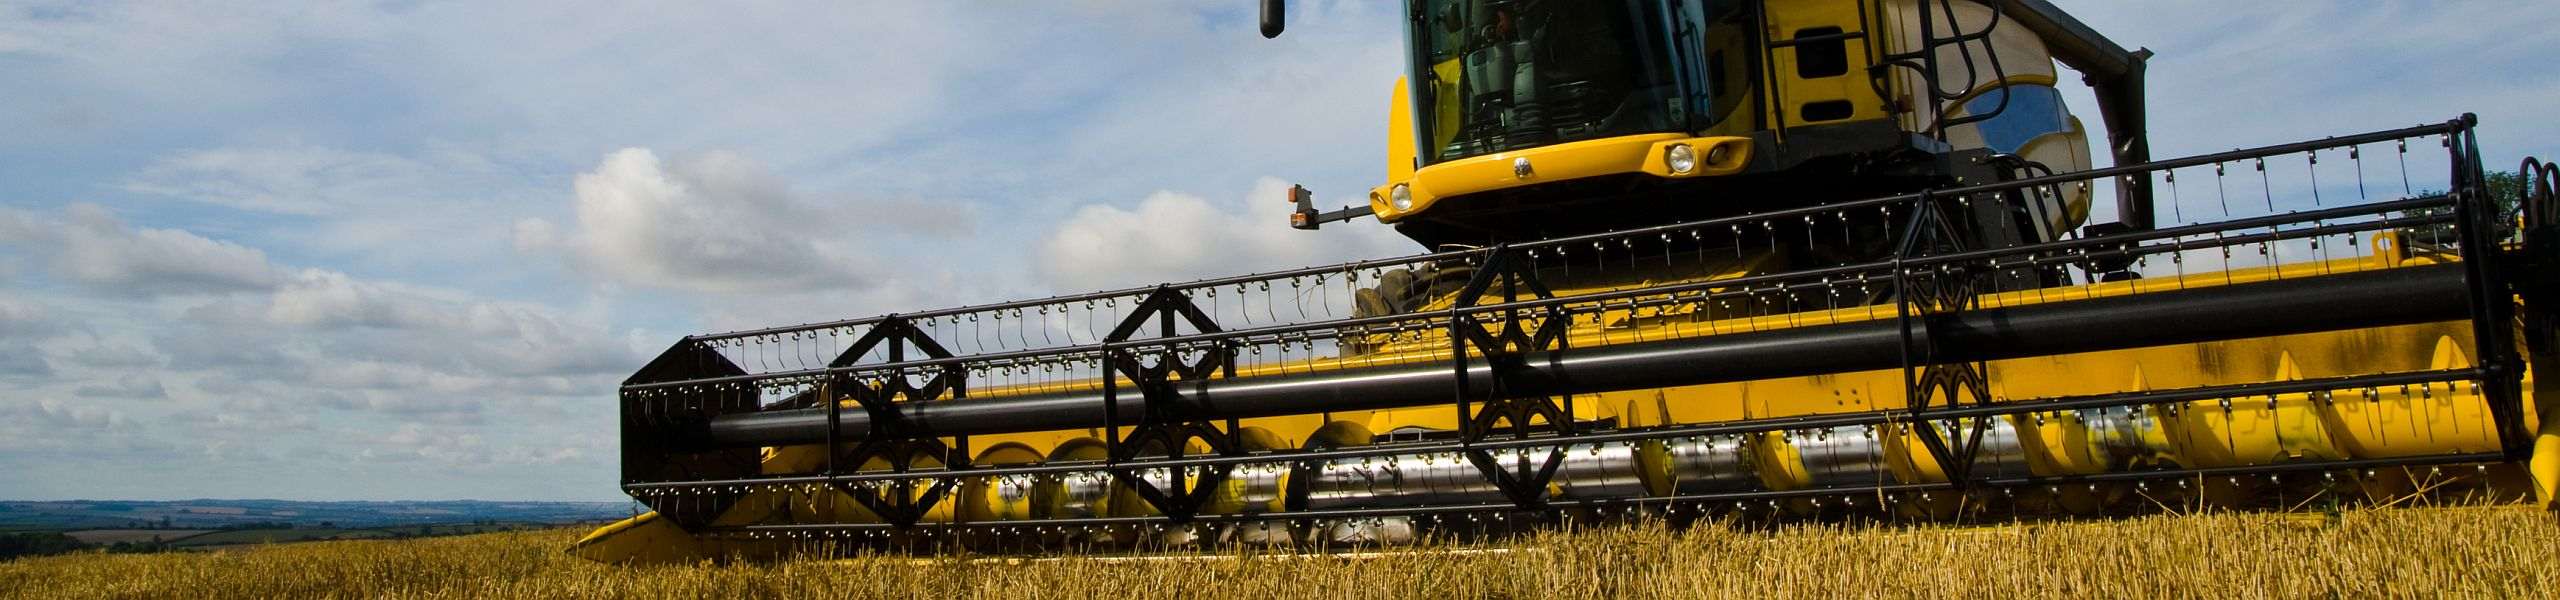 žemės ūkio pasaulinės prekybos sistemos politiką